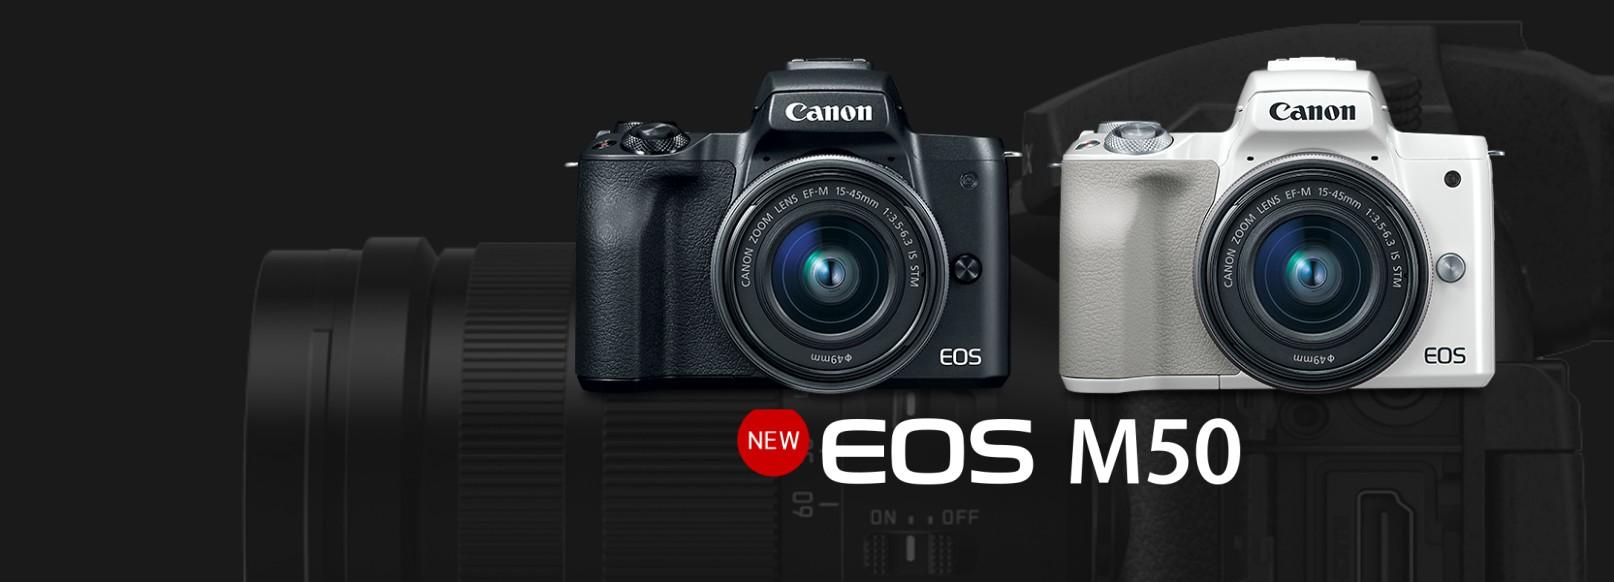 slider-banner-canon-m50